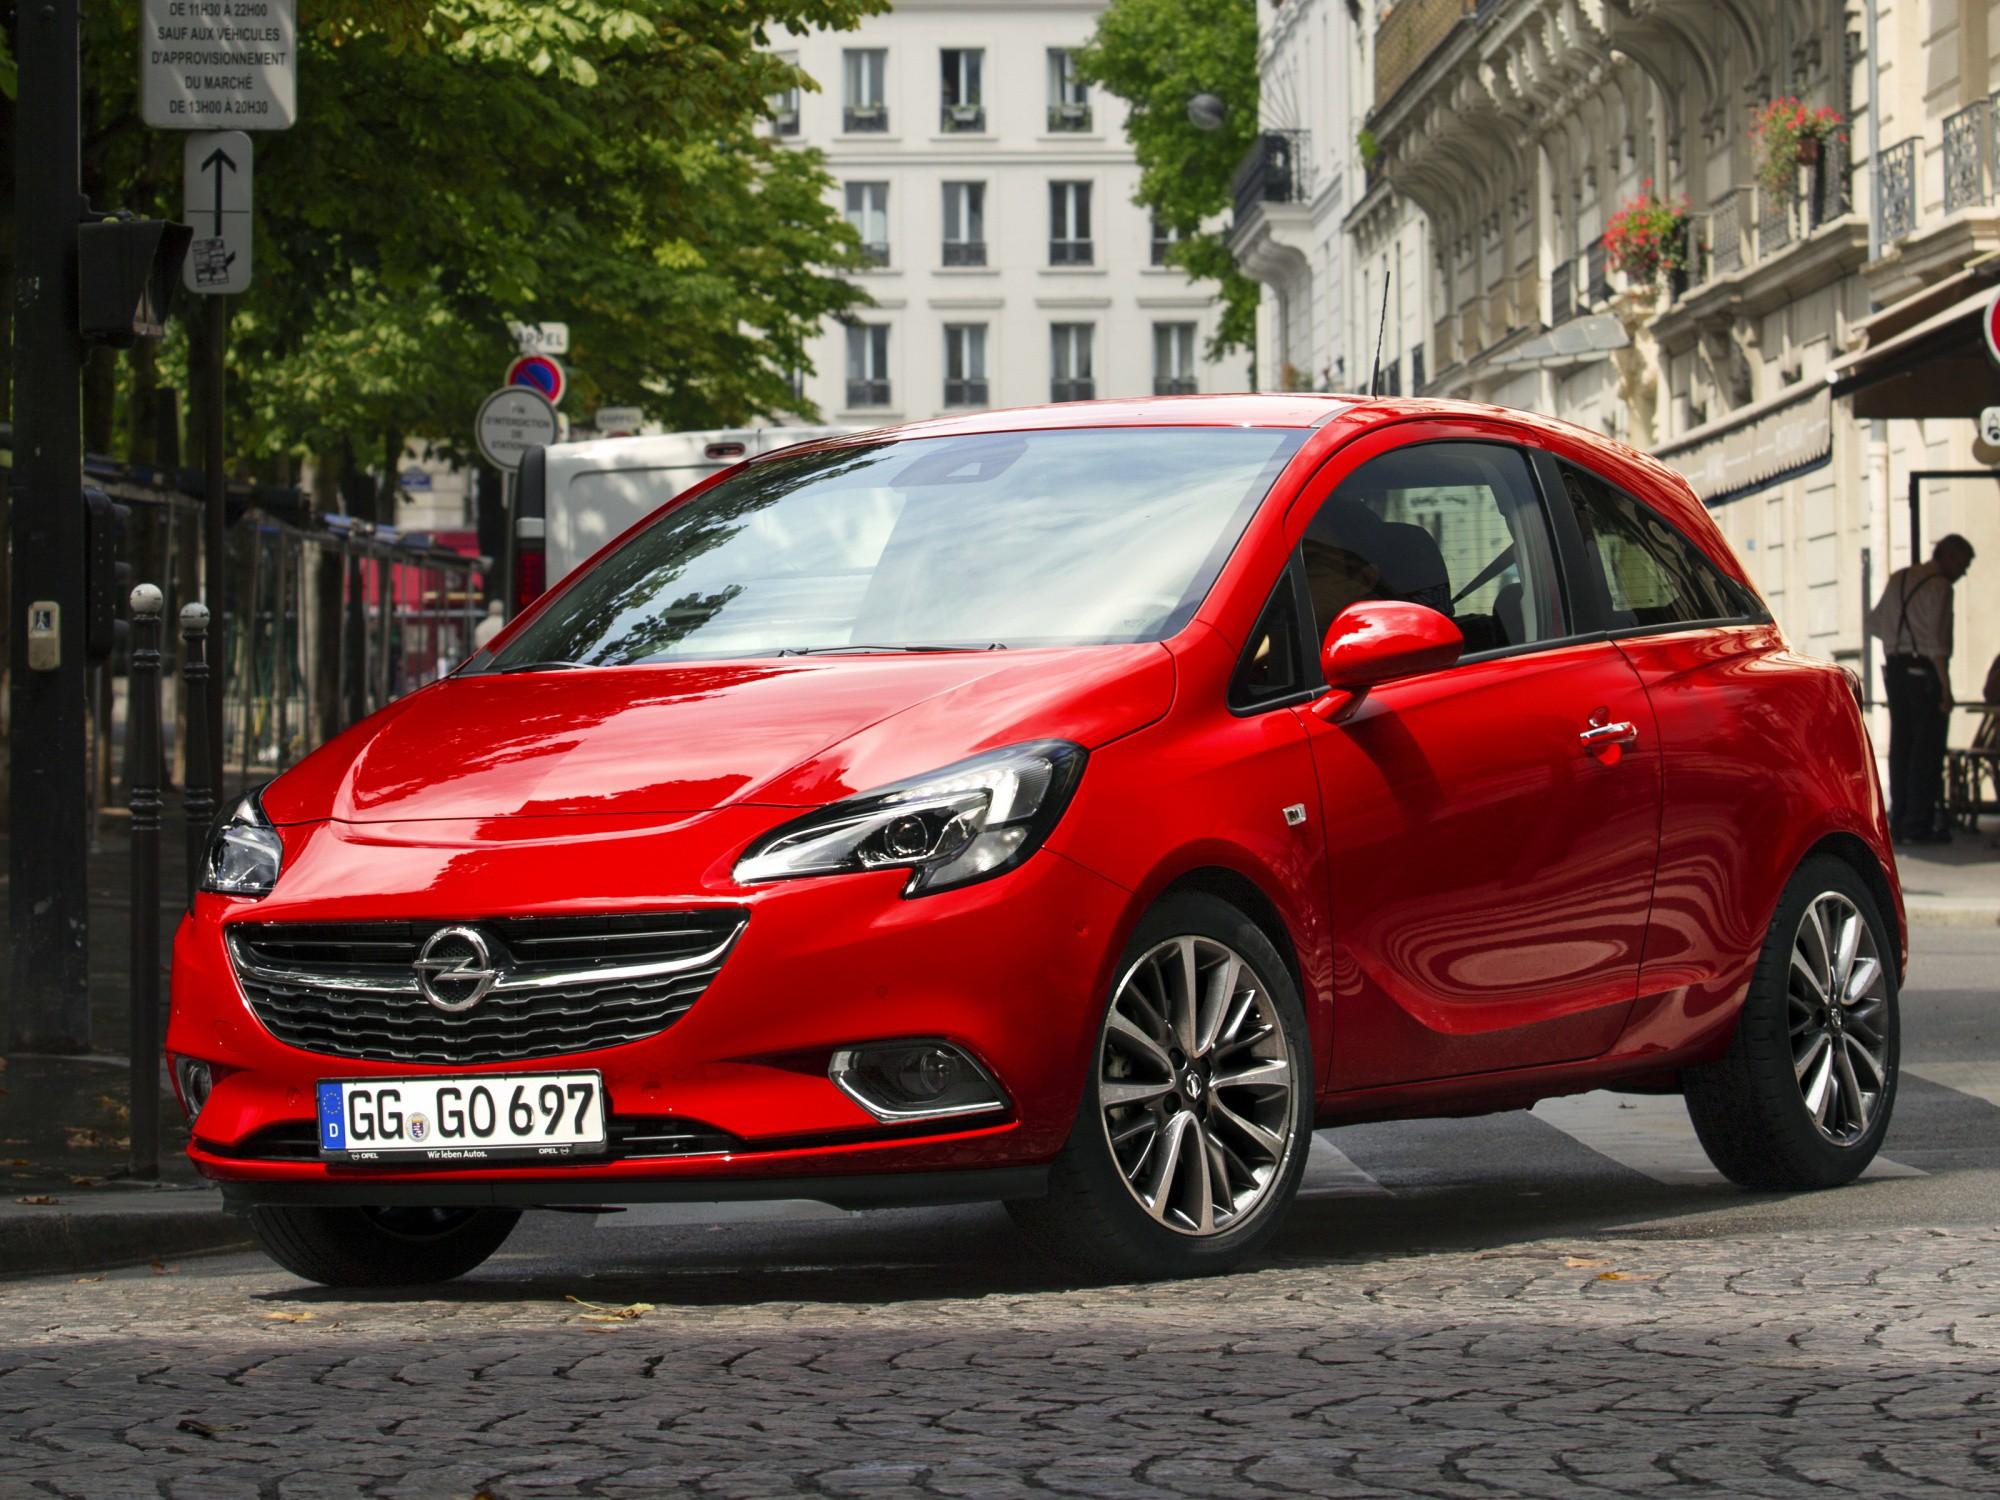 ... opel-corsa-hatchback-3-doors-2014-model-exterior- ...